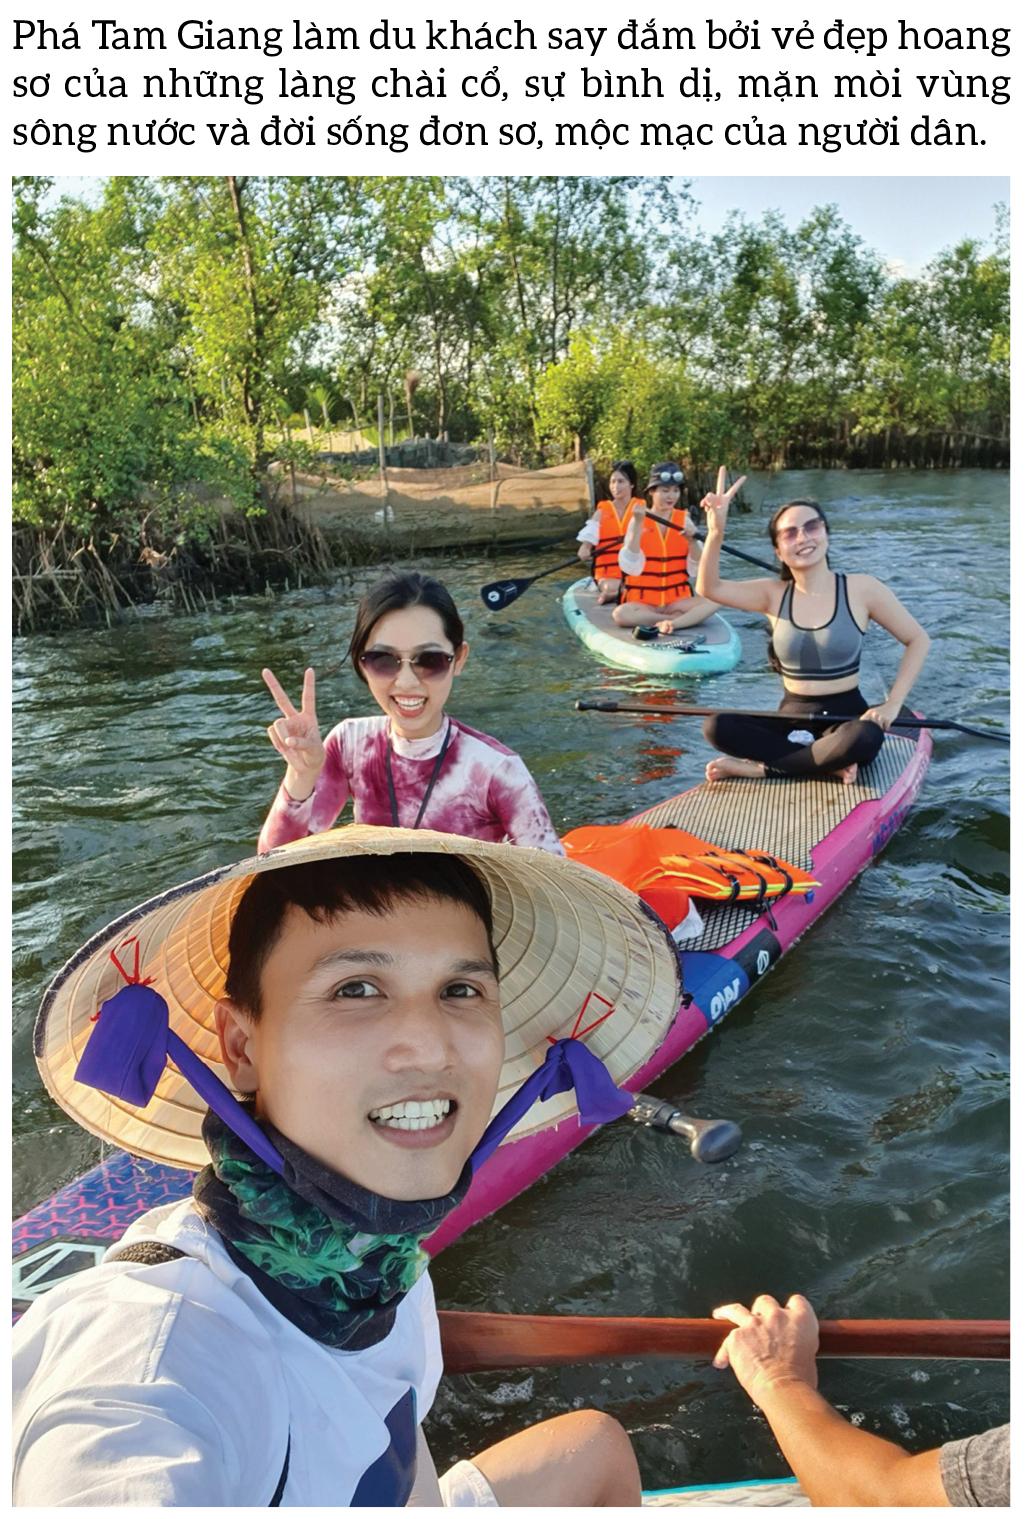 Bình yên sông nước phá Tam Giang ảnh 3